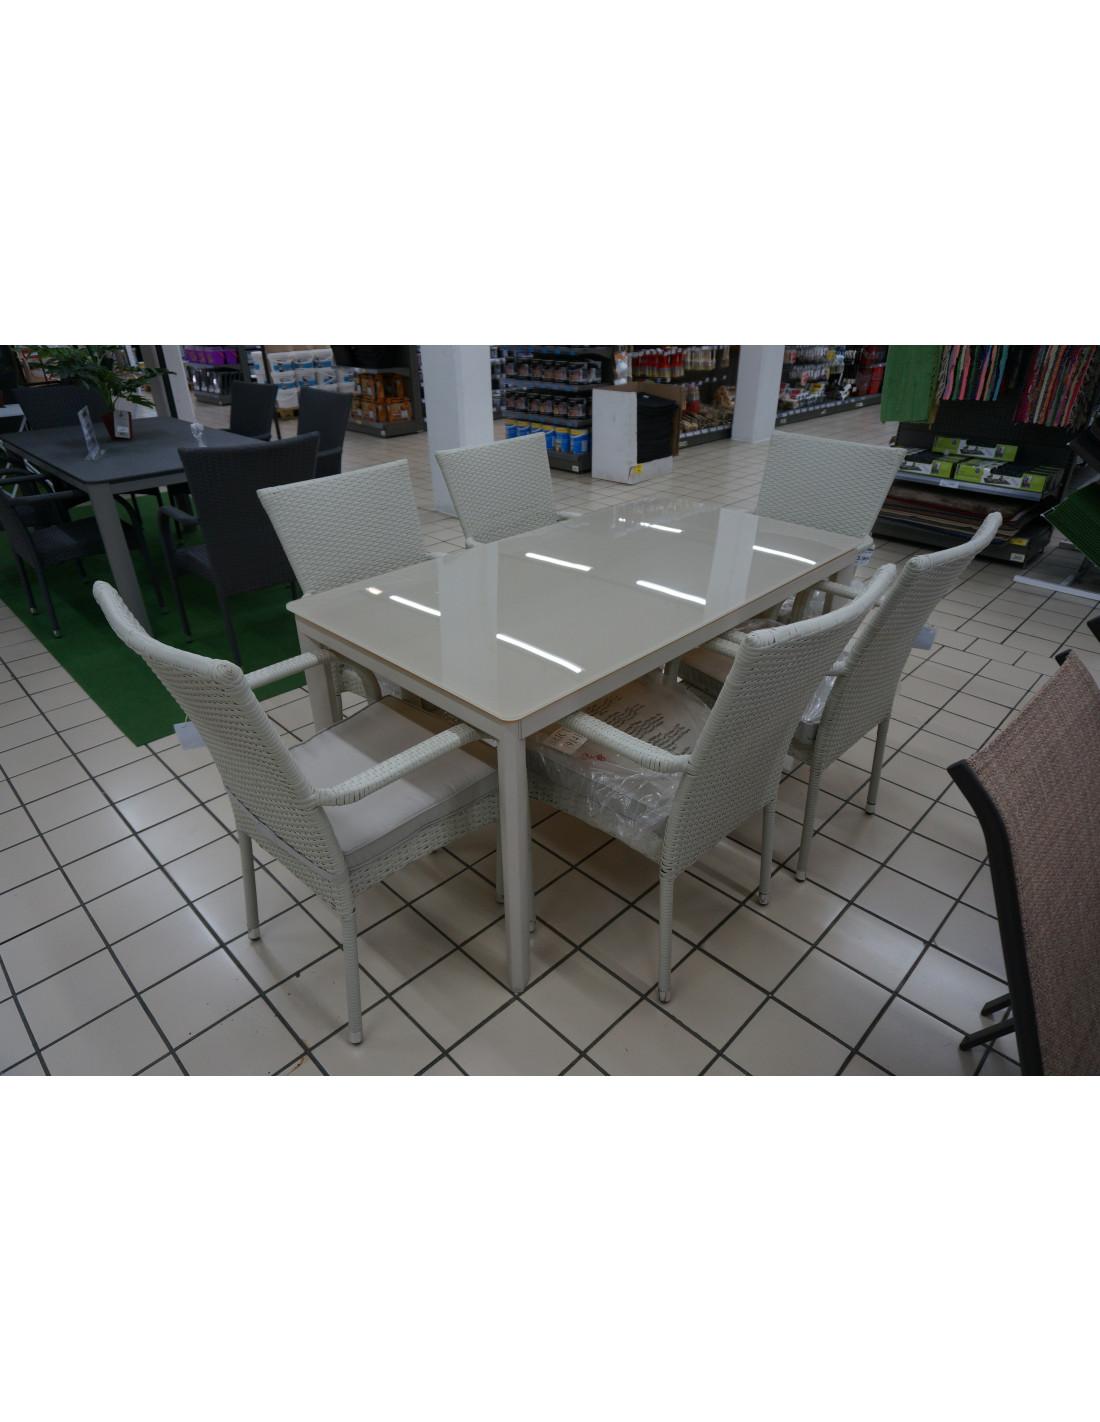 Table de jardin Alu blanc/Plateau verre - HYPER BRICO